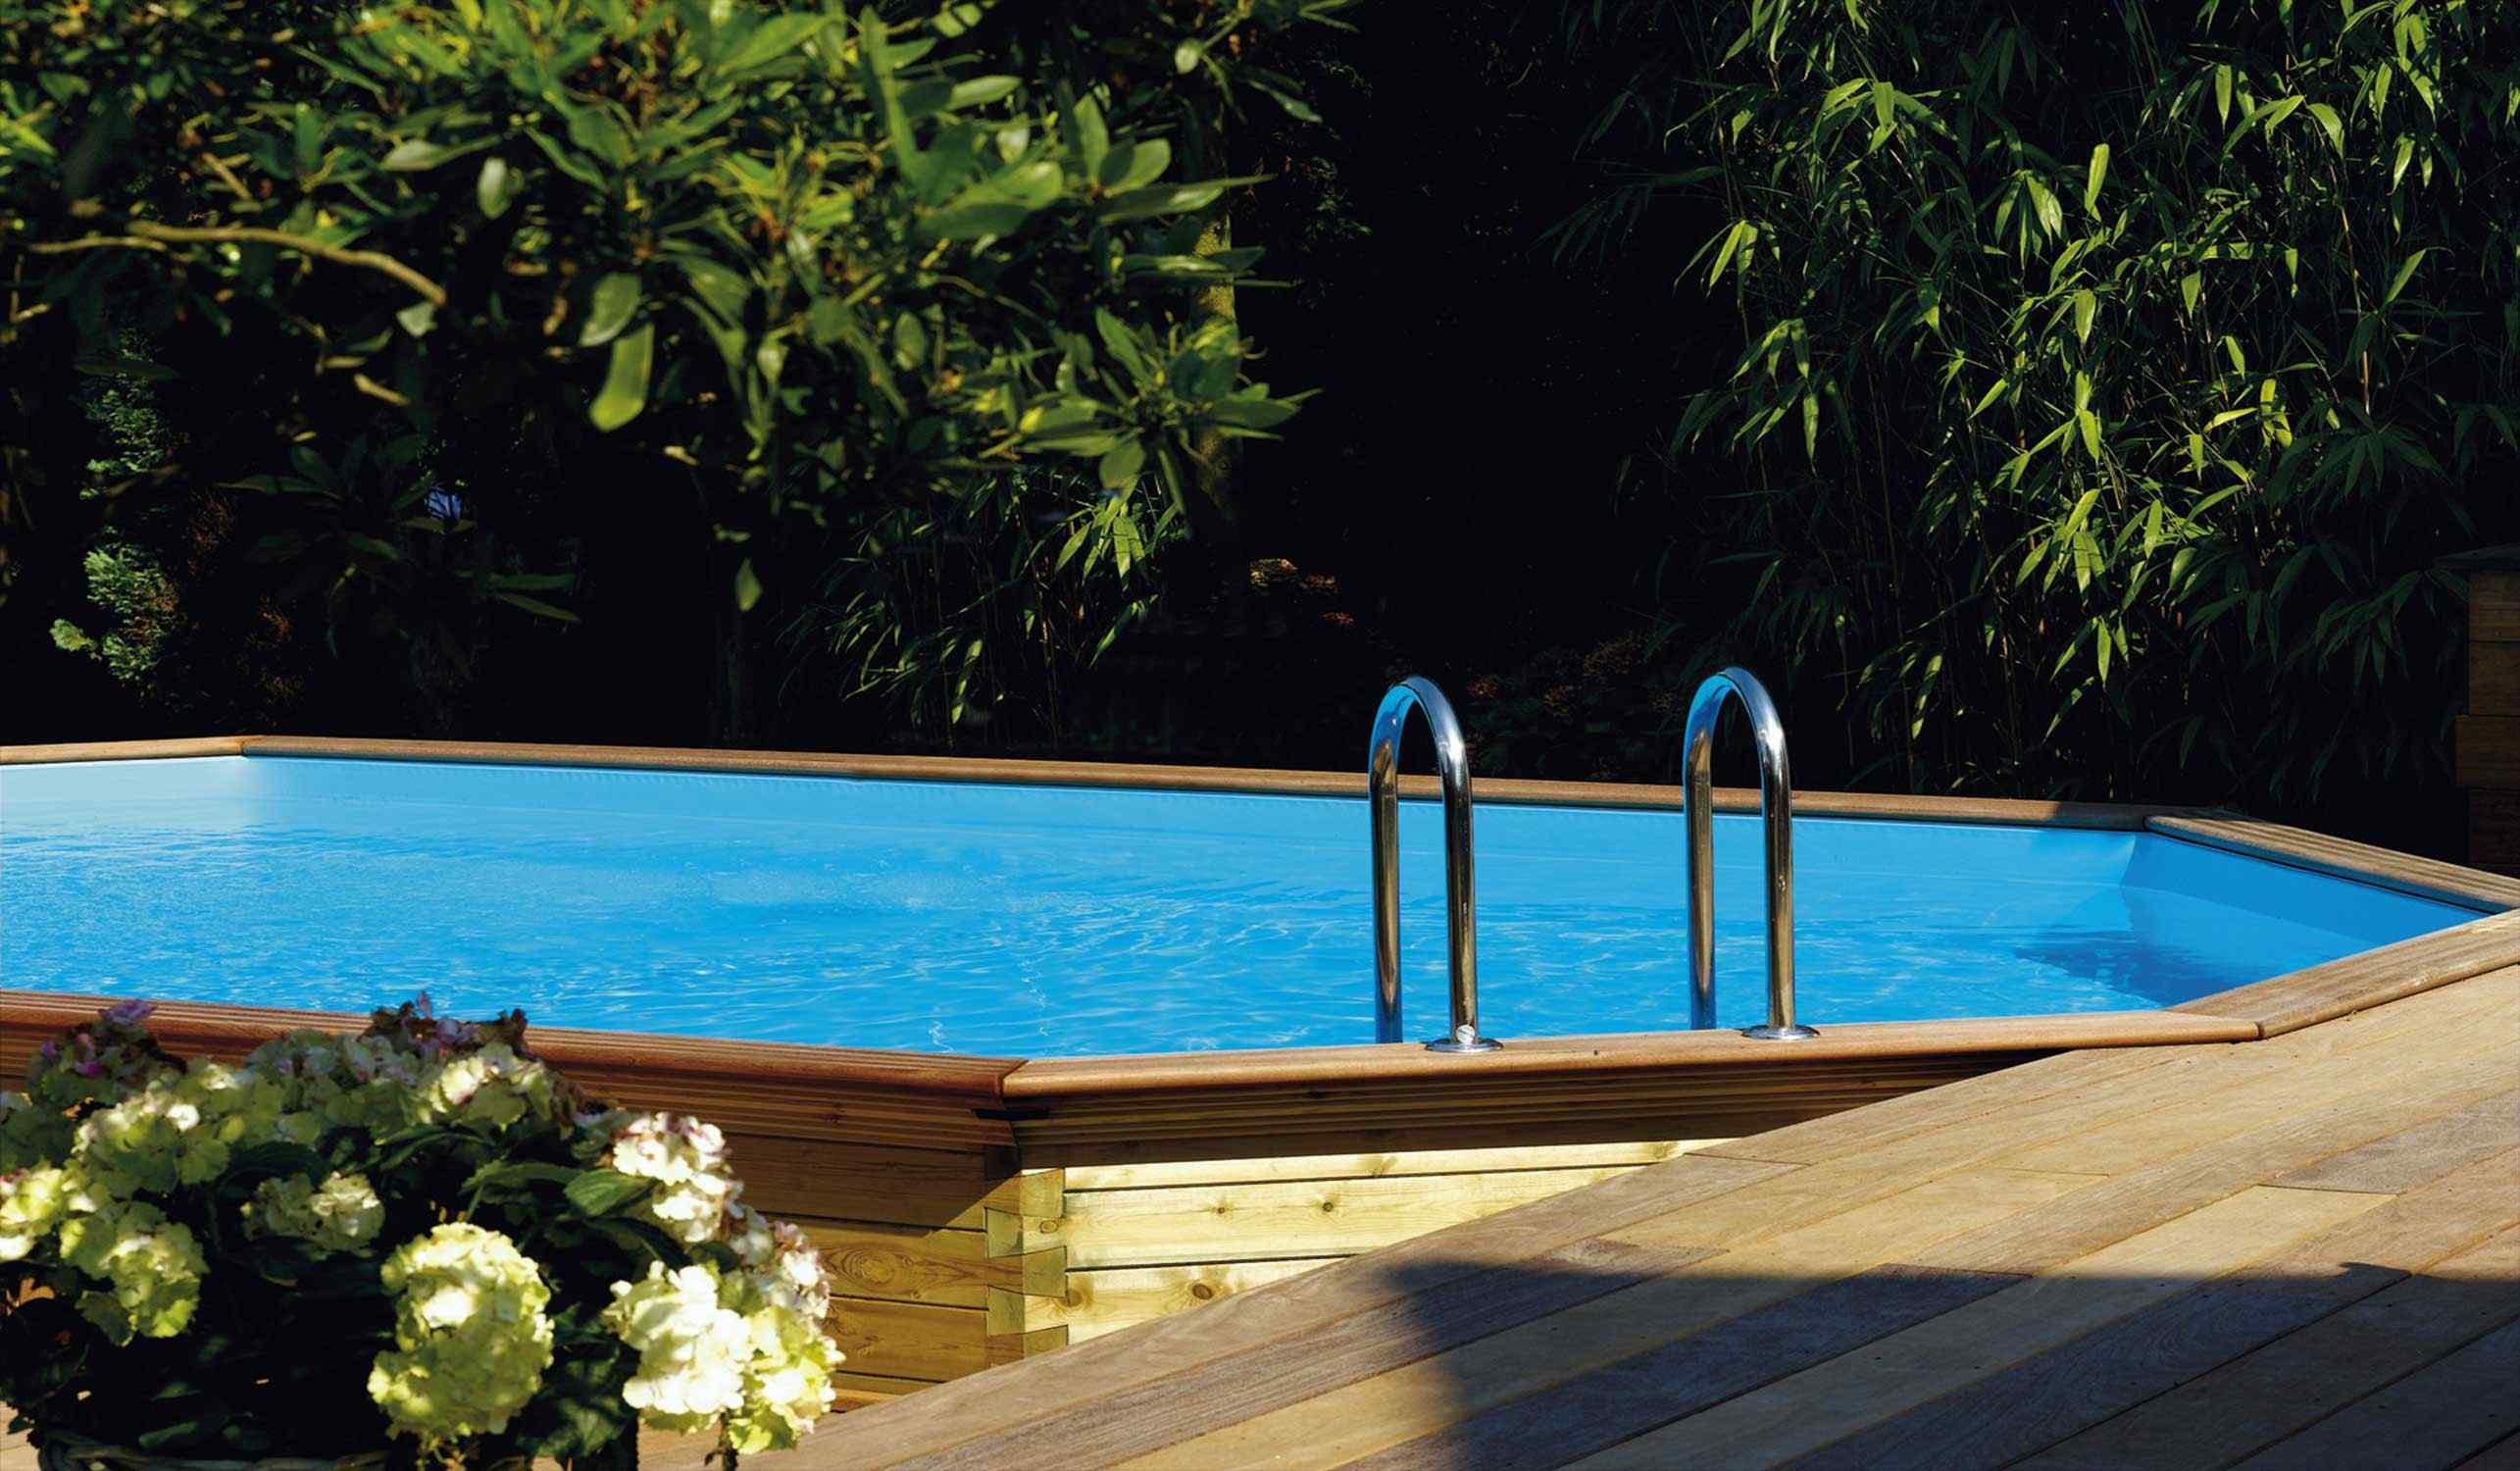 Risaliti depurazione acqua e piscine prato e pistoia home for Clorazione piscine